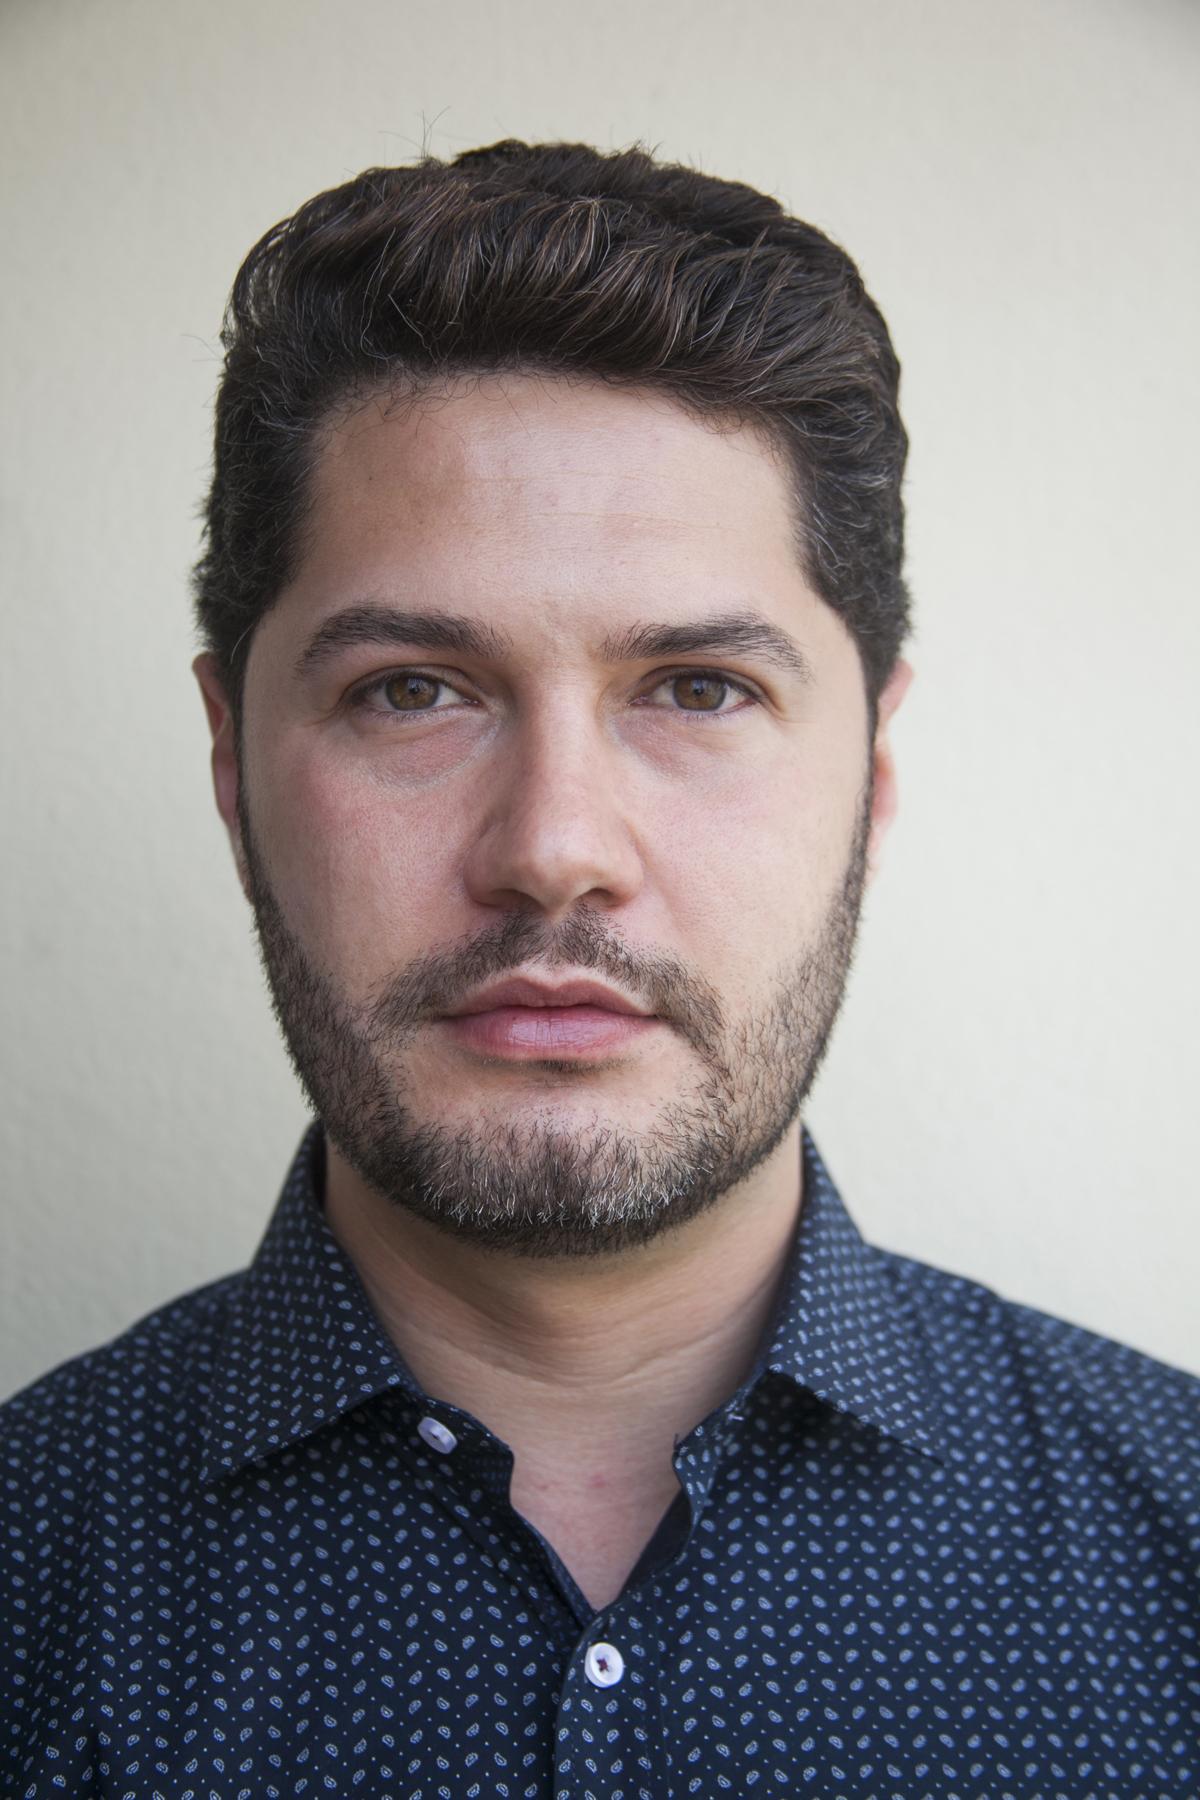 Daniel Marinho Cezar da Cruz